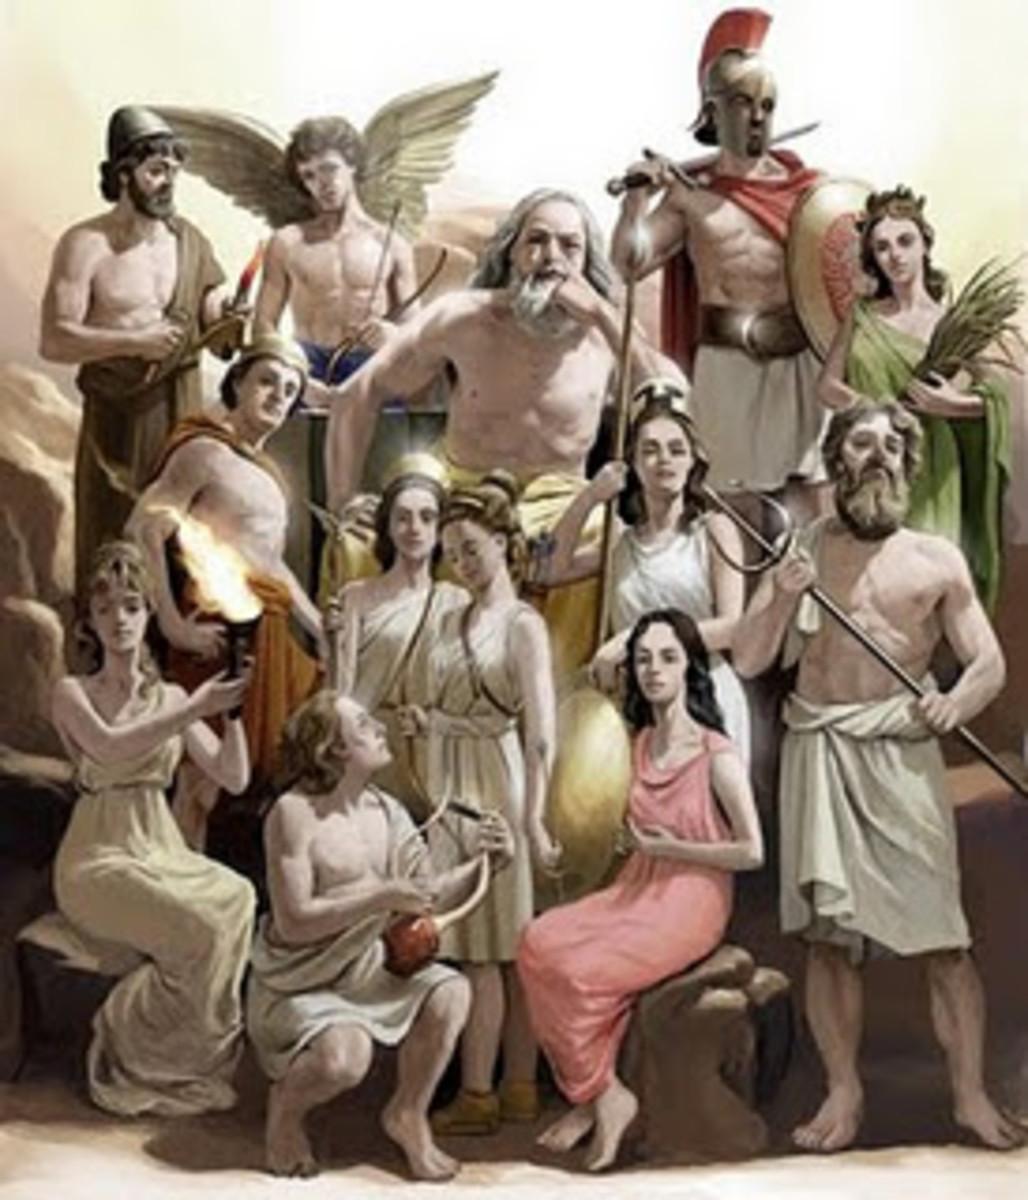 All 12 Olympian  gods